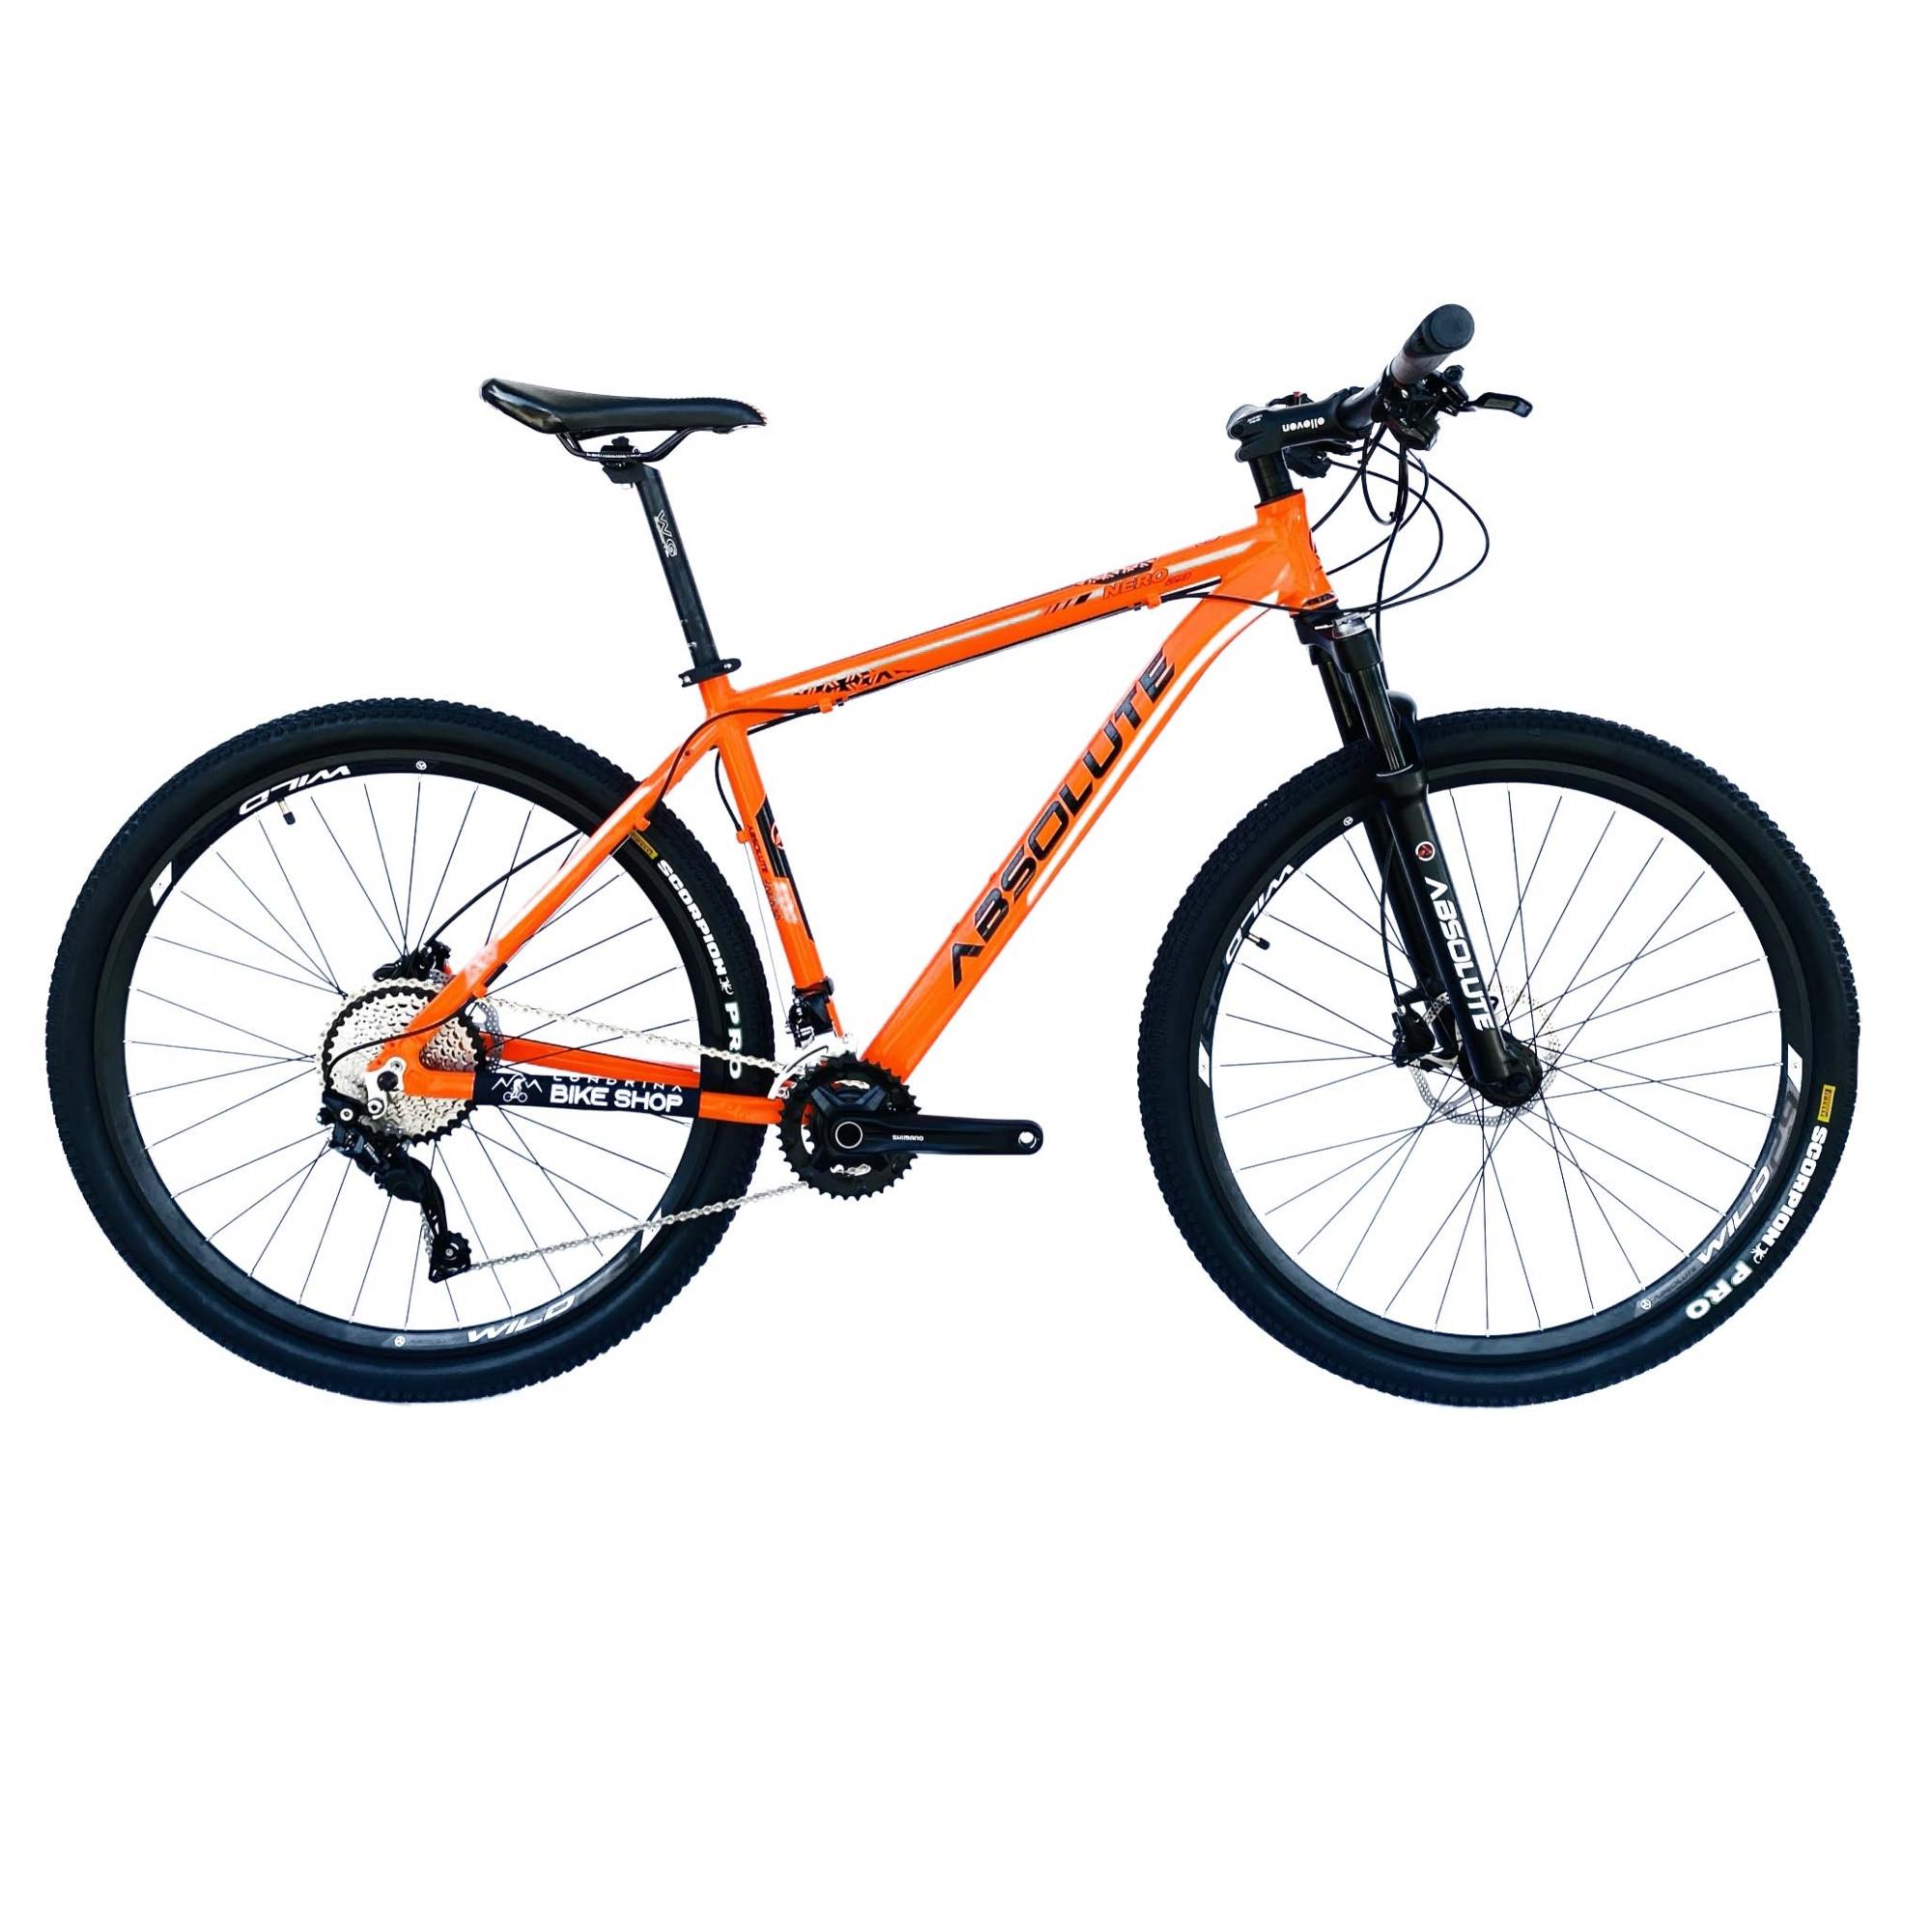 Bicicleta Nero Laranja 20v Suspensão com Trava no Guidão - Absolute